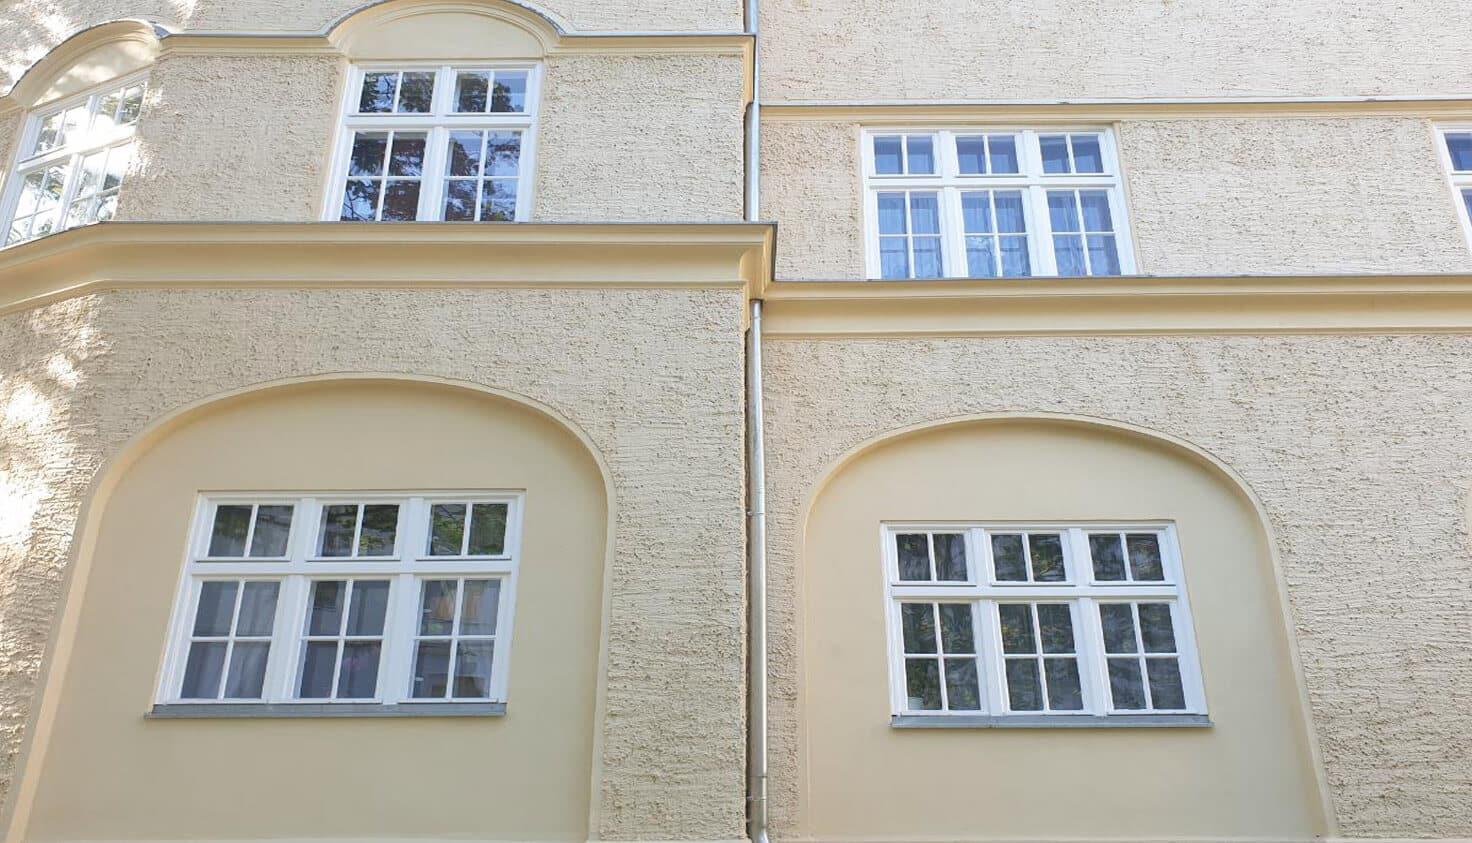 06-Sanierung-von-Altbaufenstern-referenz-malerbetrieb-kluge-berlin.jpg